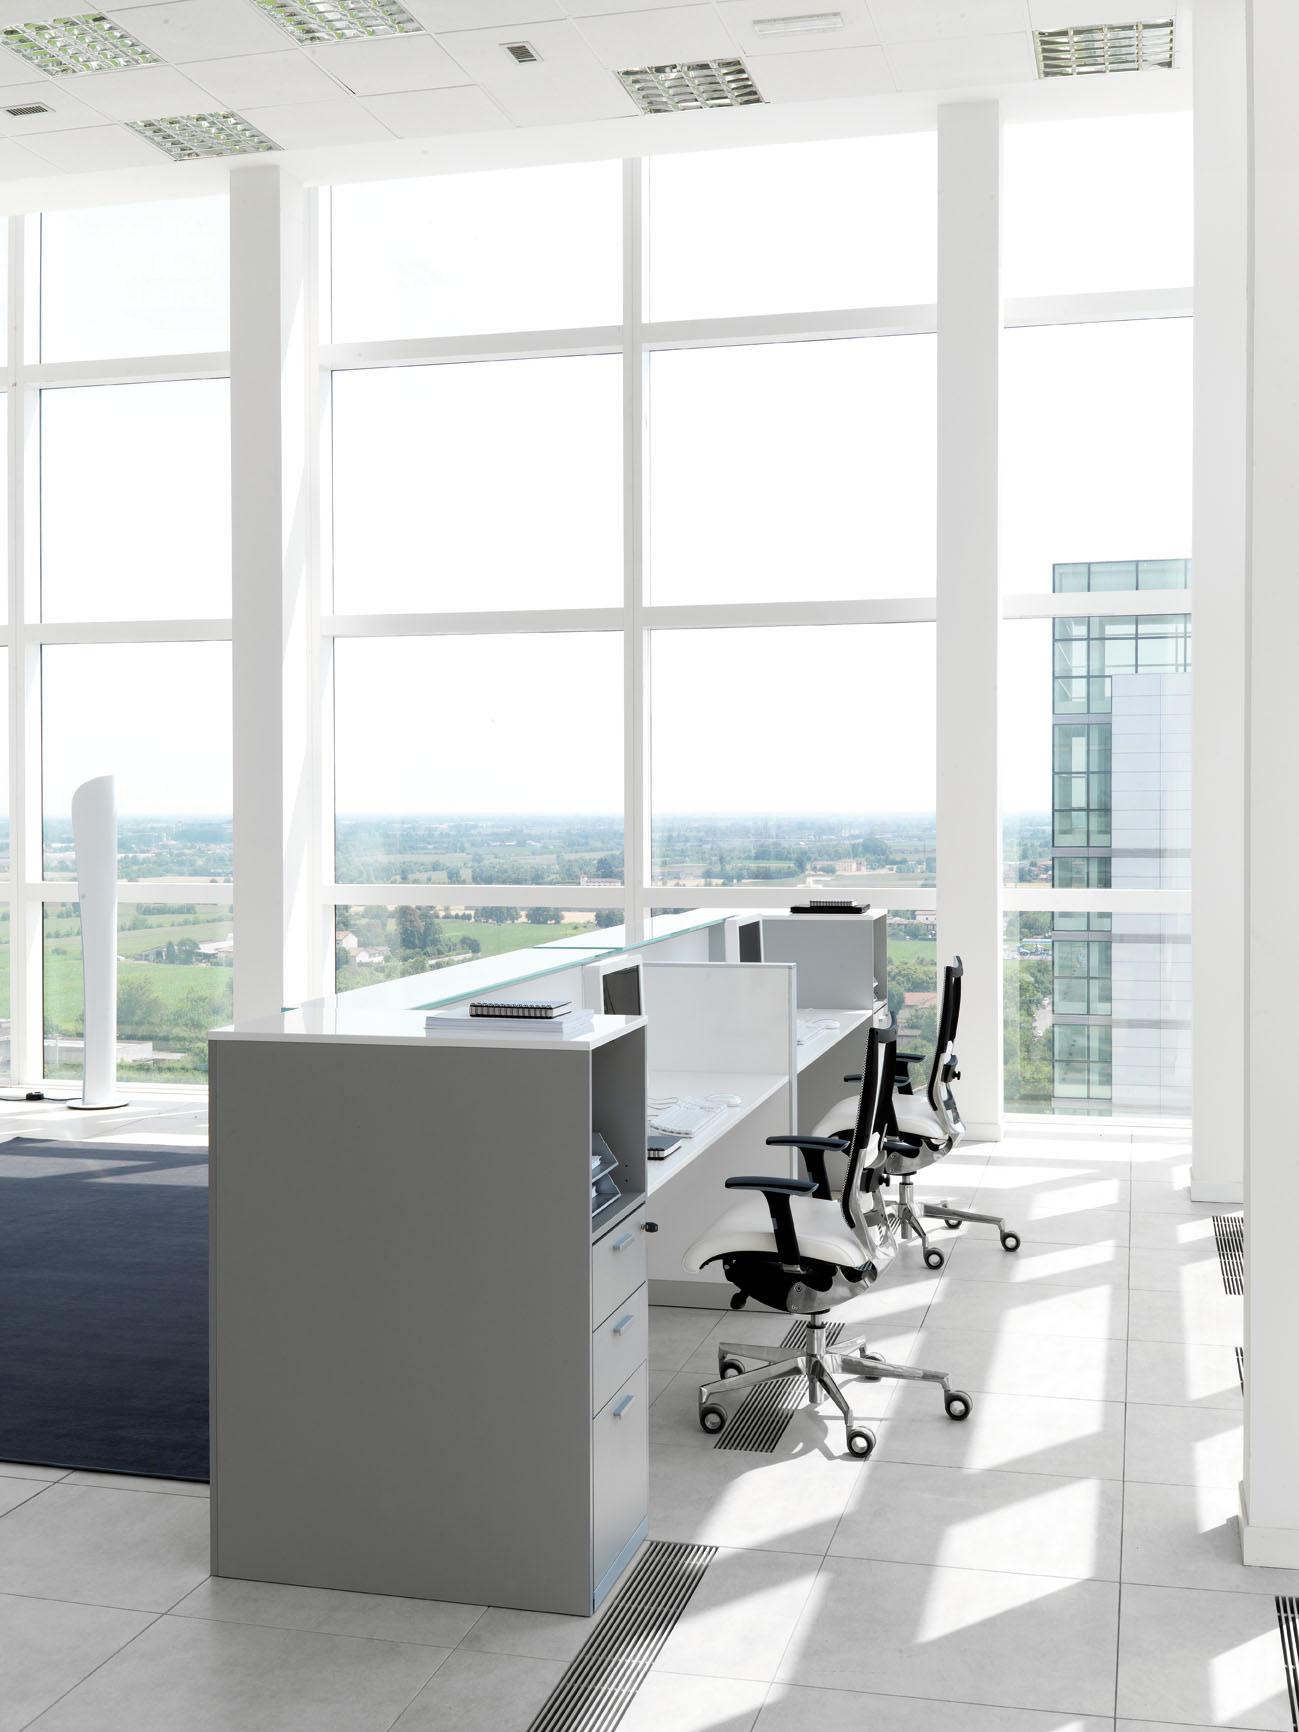 Led toscana reception da ufficio belardi arredamenti for Mobile reception ufficio